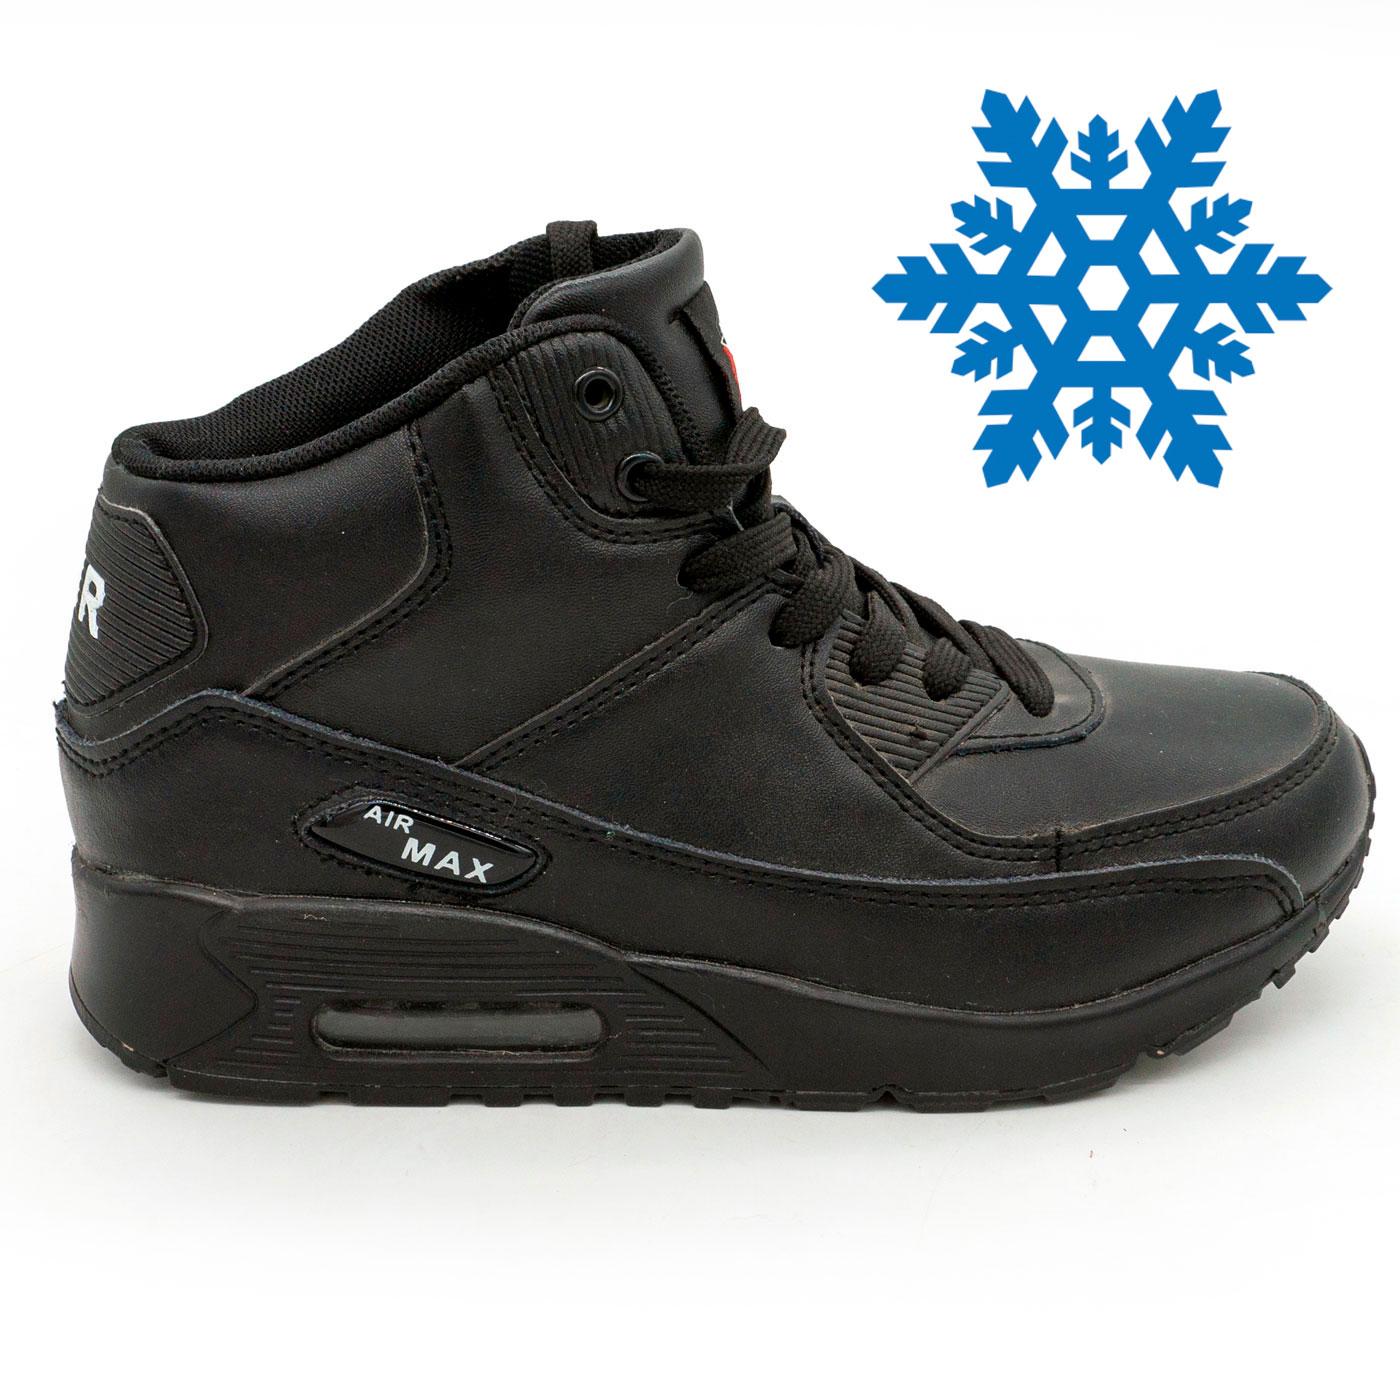 8ce79141 Зимние кроссовки Nike Air Max 90 черные, купить высокие белые Найк ...